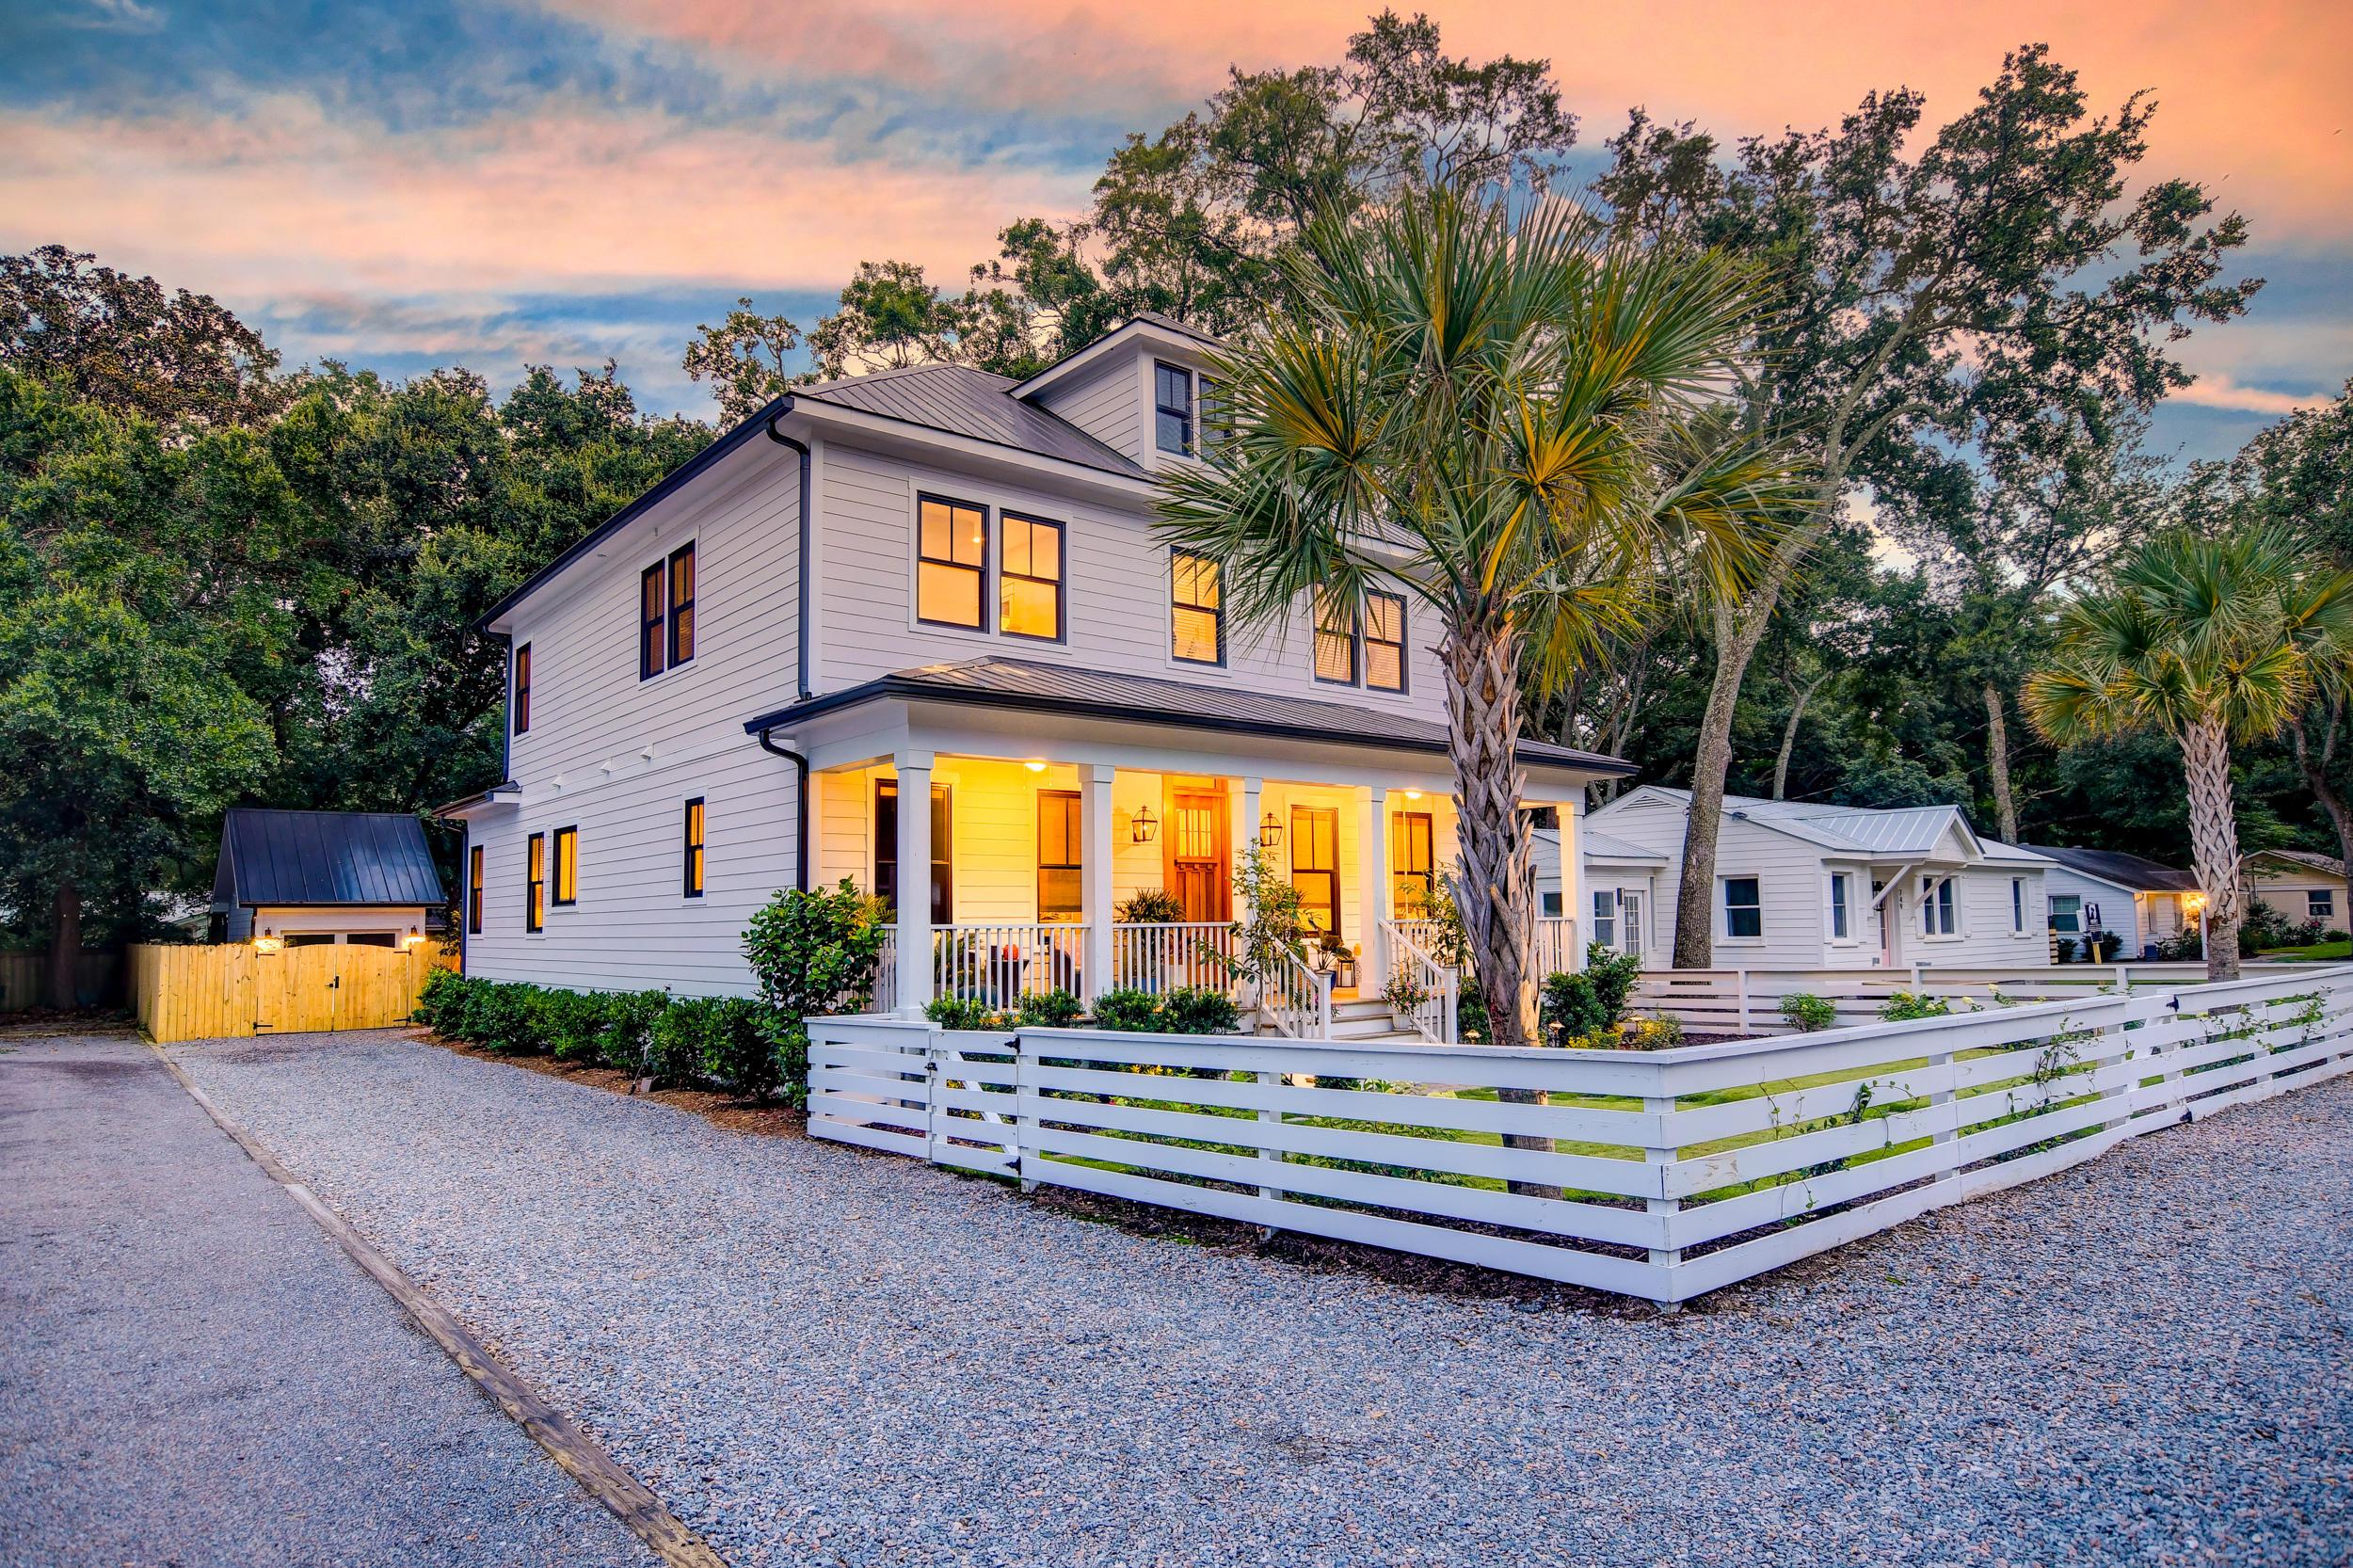 Old Mt Pleasant Homes For Sale - 753 Mccants, Mount Pleasant, SC - 50